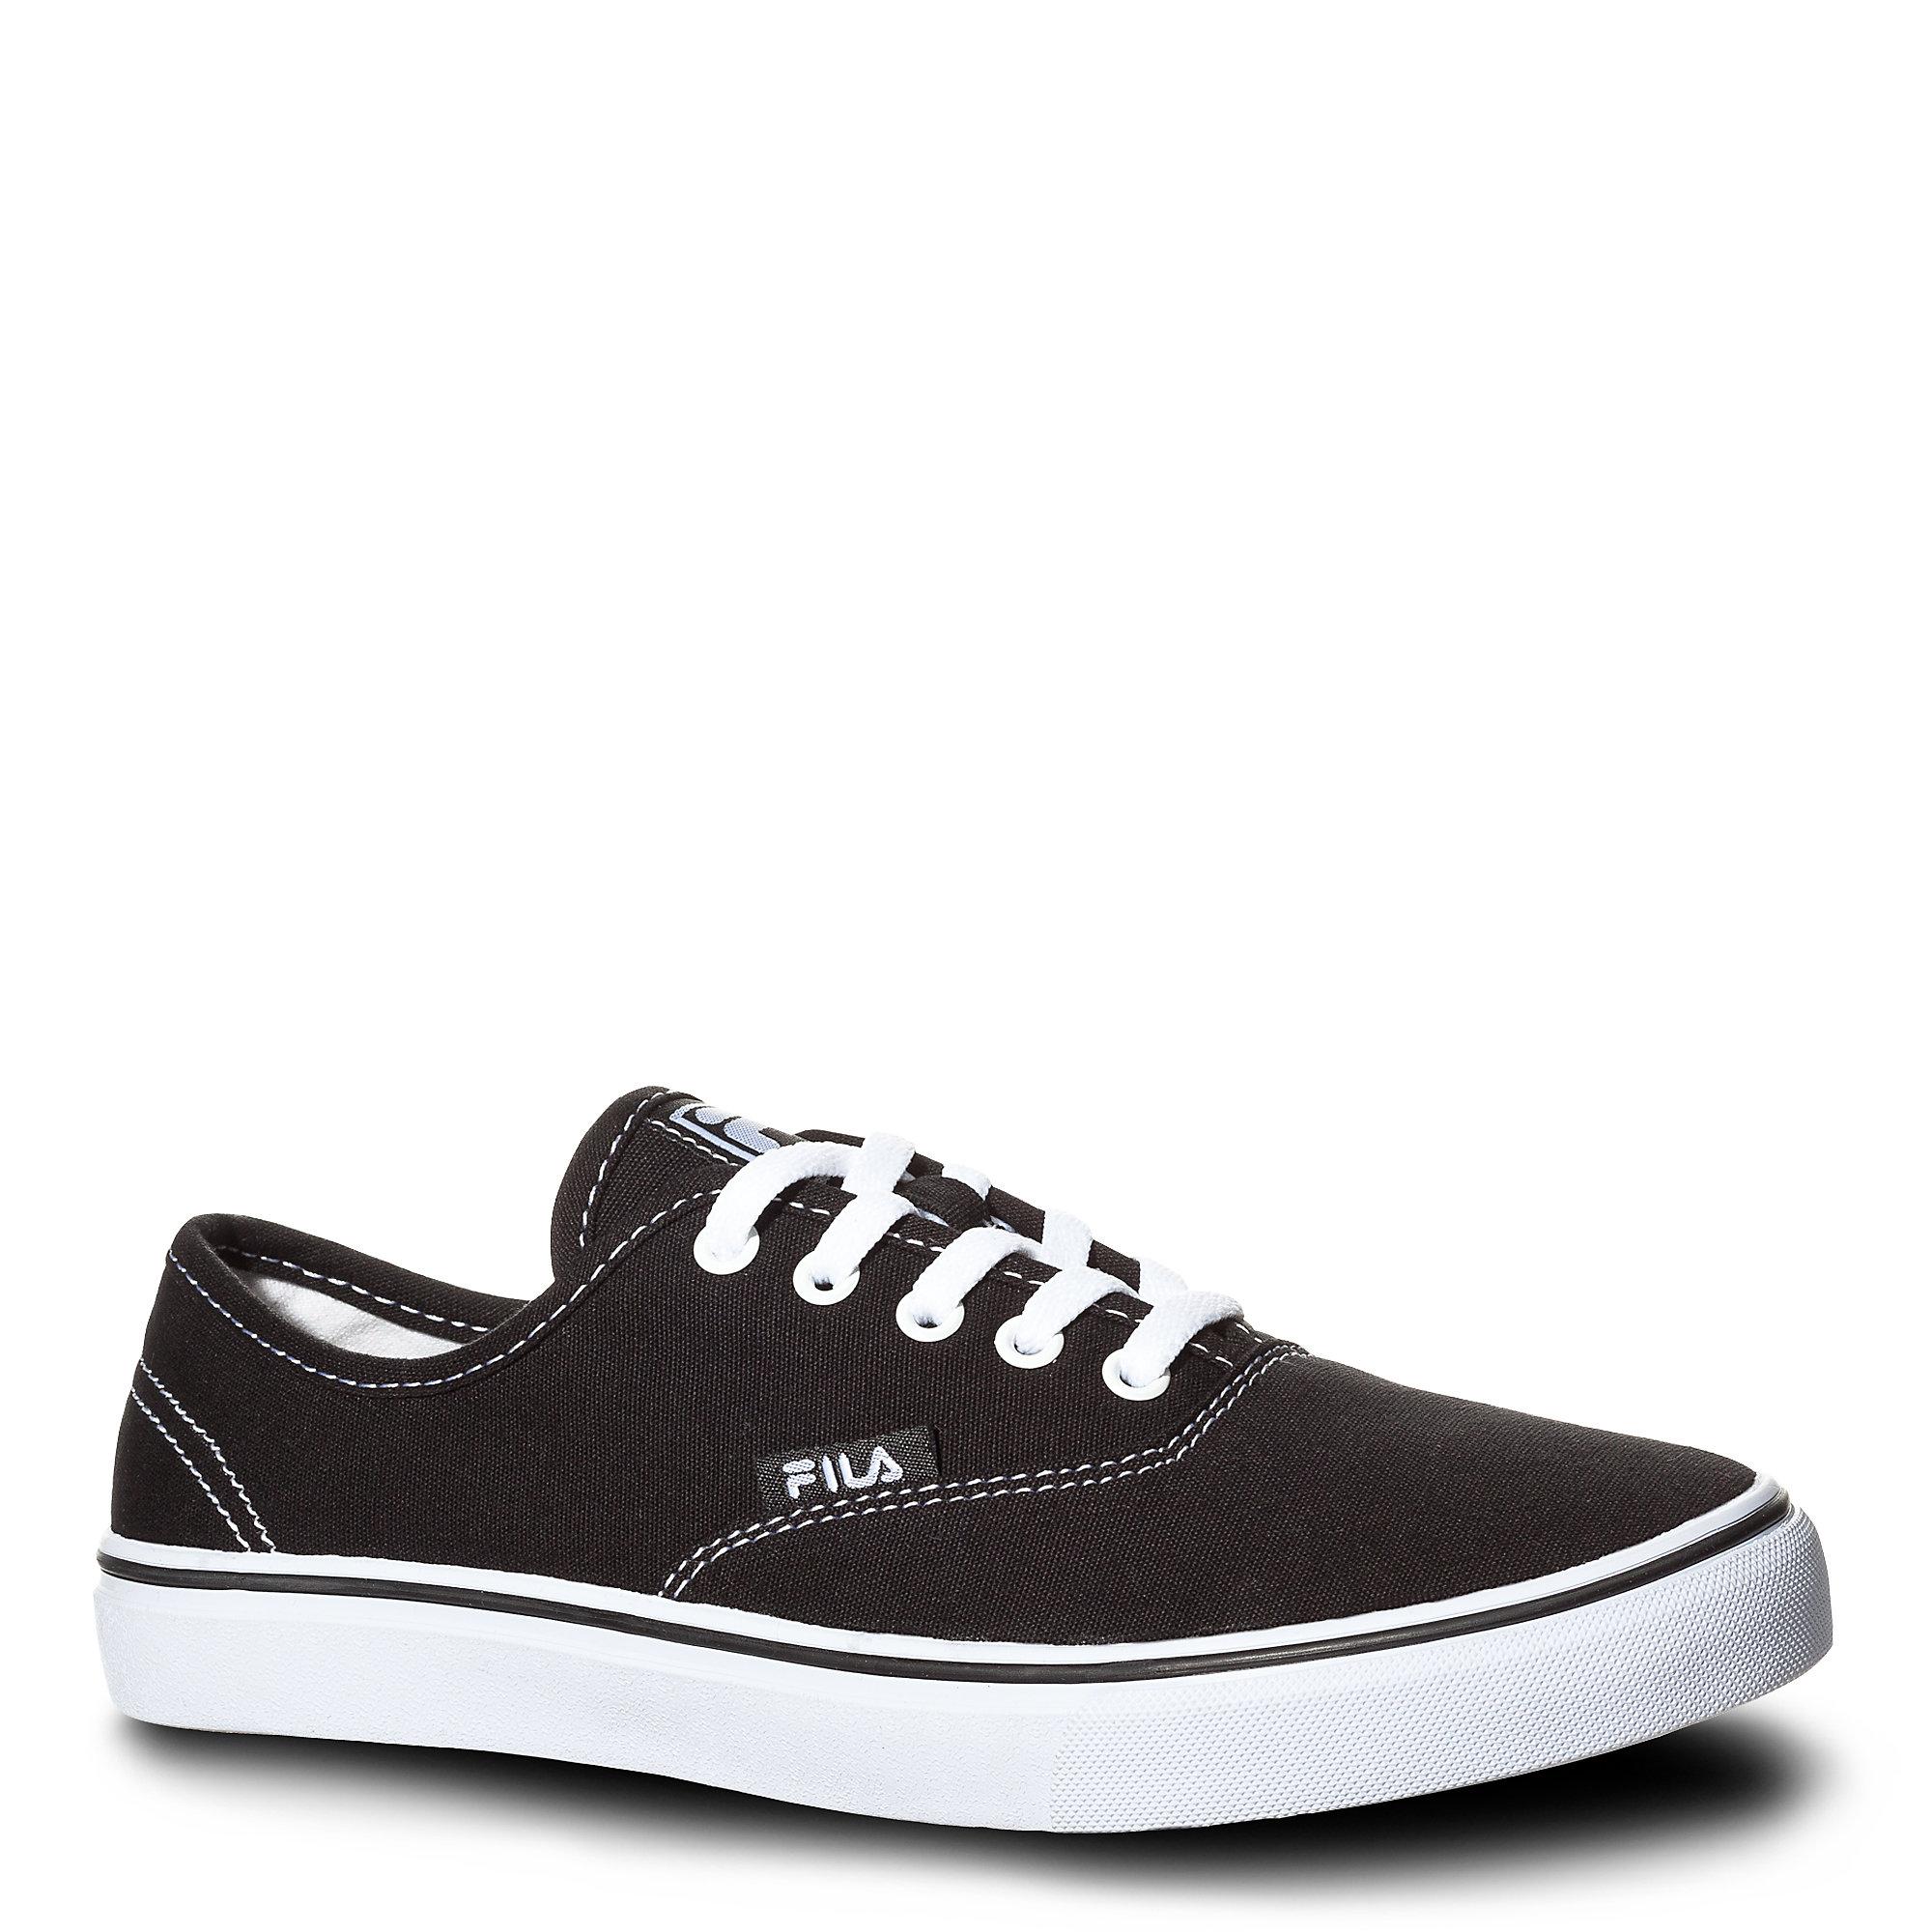 Fila Sneakers Womens